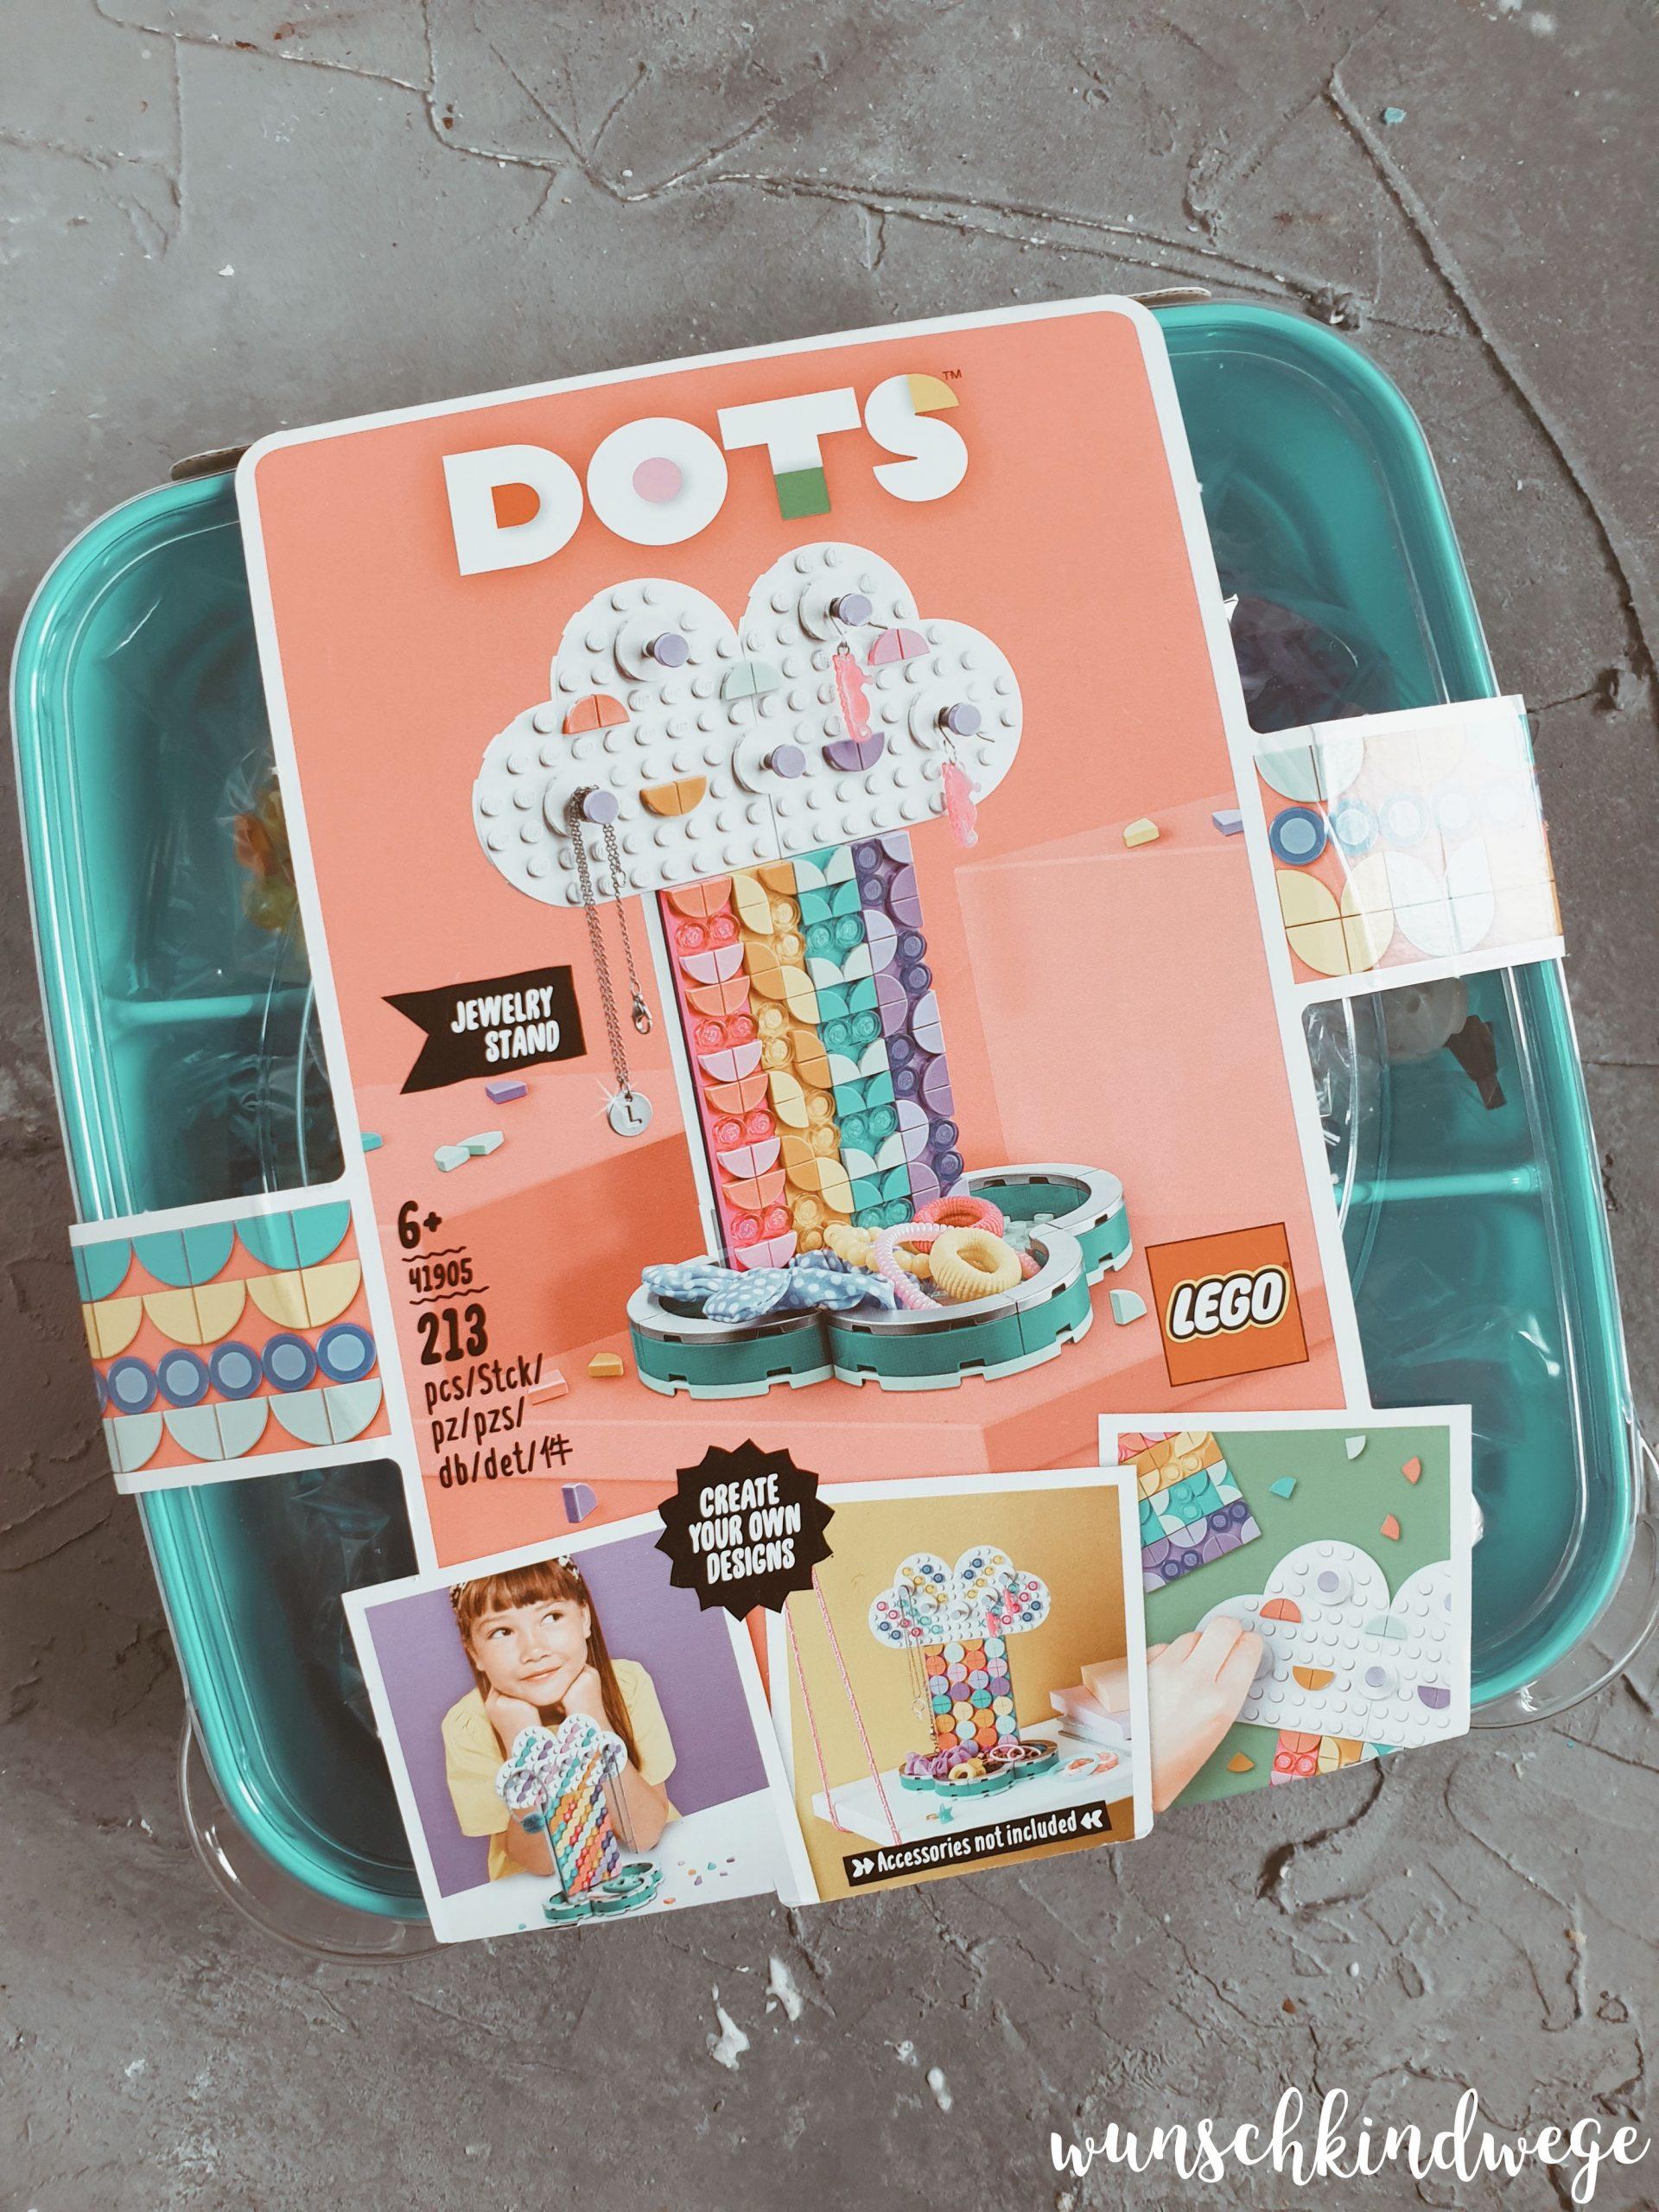 Lego Dots Schmuckbaum Geschenke zum 7 Geburtstag